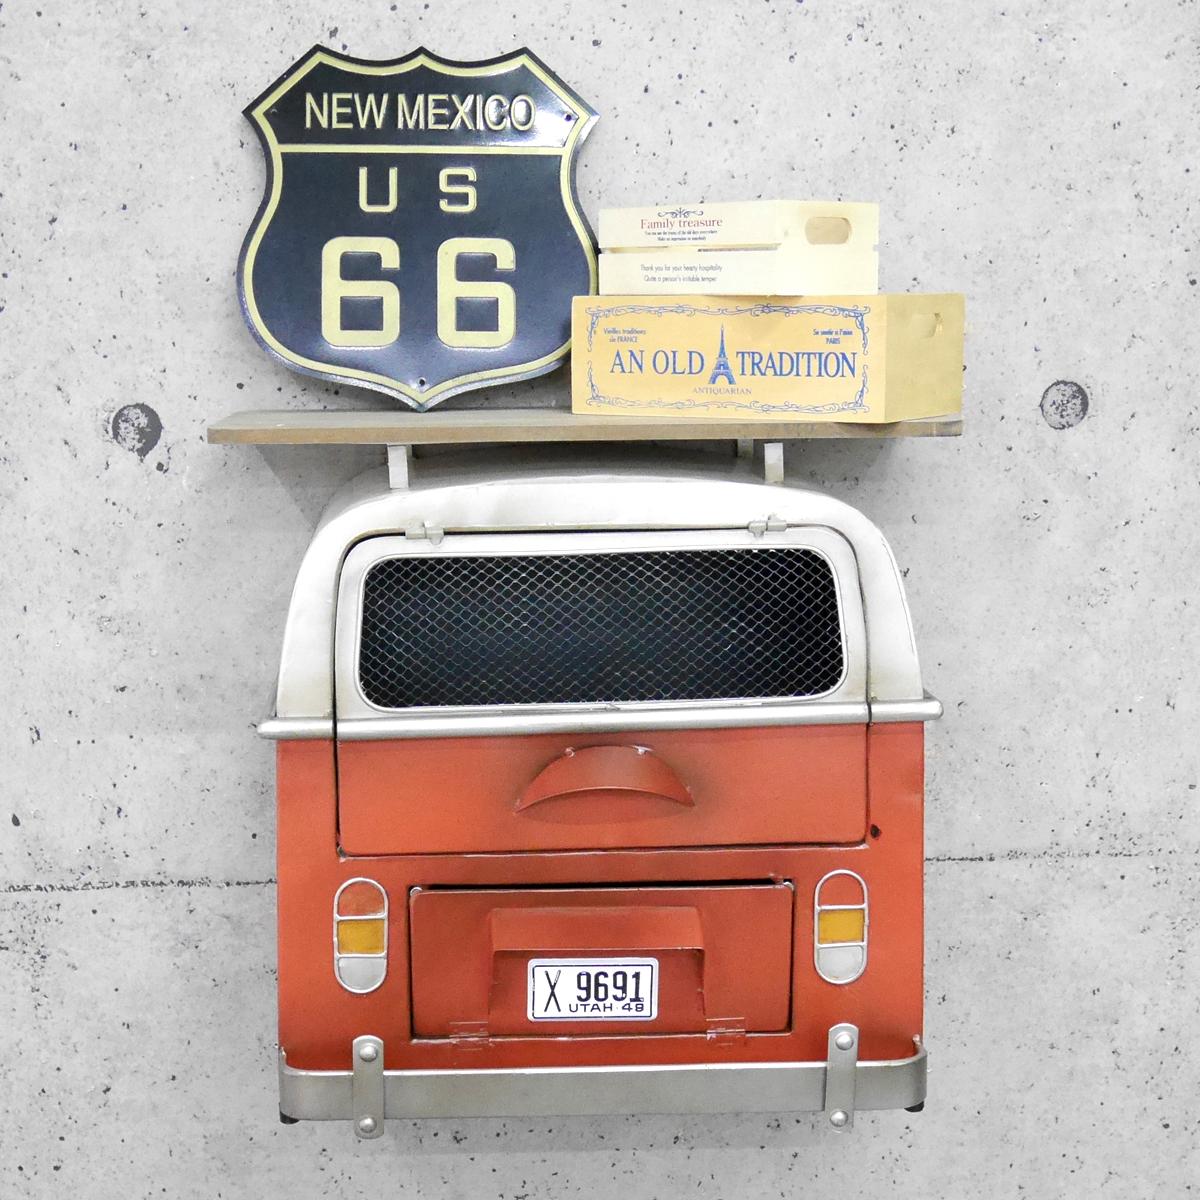 アメリカンレトロ ウォールシェルフ 壁掛 飾り棚 アメ車 ガレージ クラシックカー JEEP ジープ アメリカン雑貨 インテリア レッド 【BZ-92】